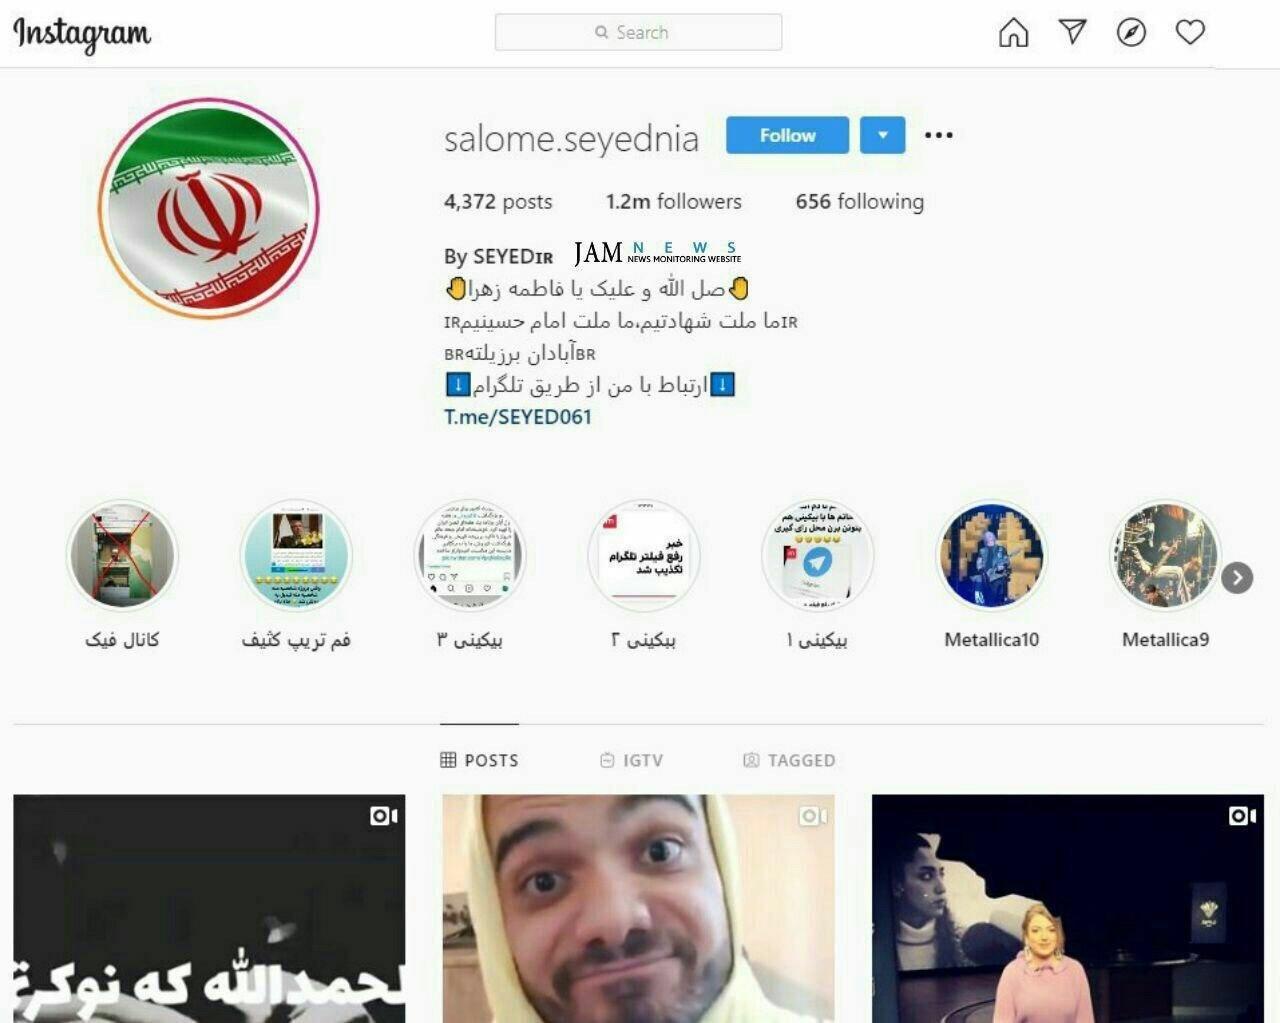 هک شدن صفحه اینستاگرام سالومه/سالی تاک (عکس)